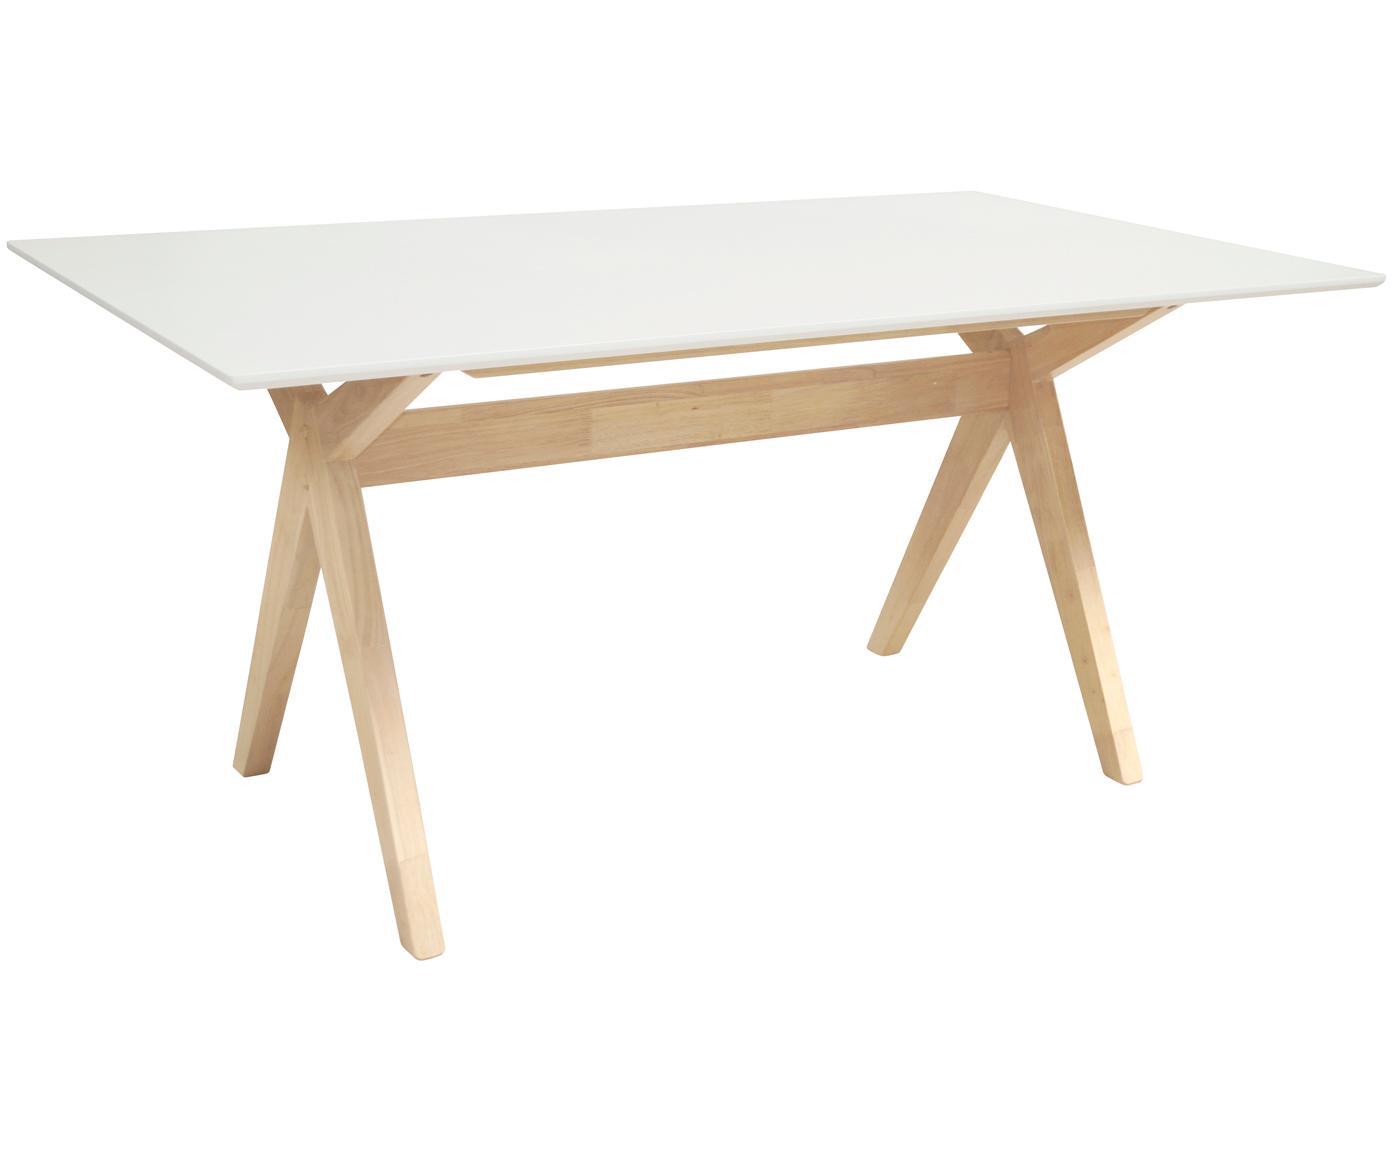 Tavolo da pranzo Scissor, Piano d'appoggio: pannello di fibra a media, Gambe: caucciù verniciato, Bianco, caucciù, Larg. 160 x Prof. 90 cm